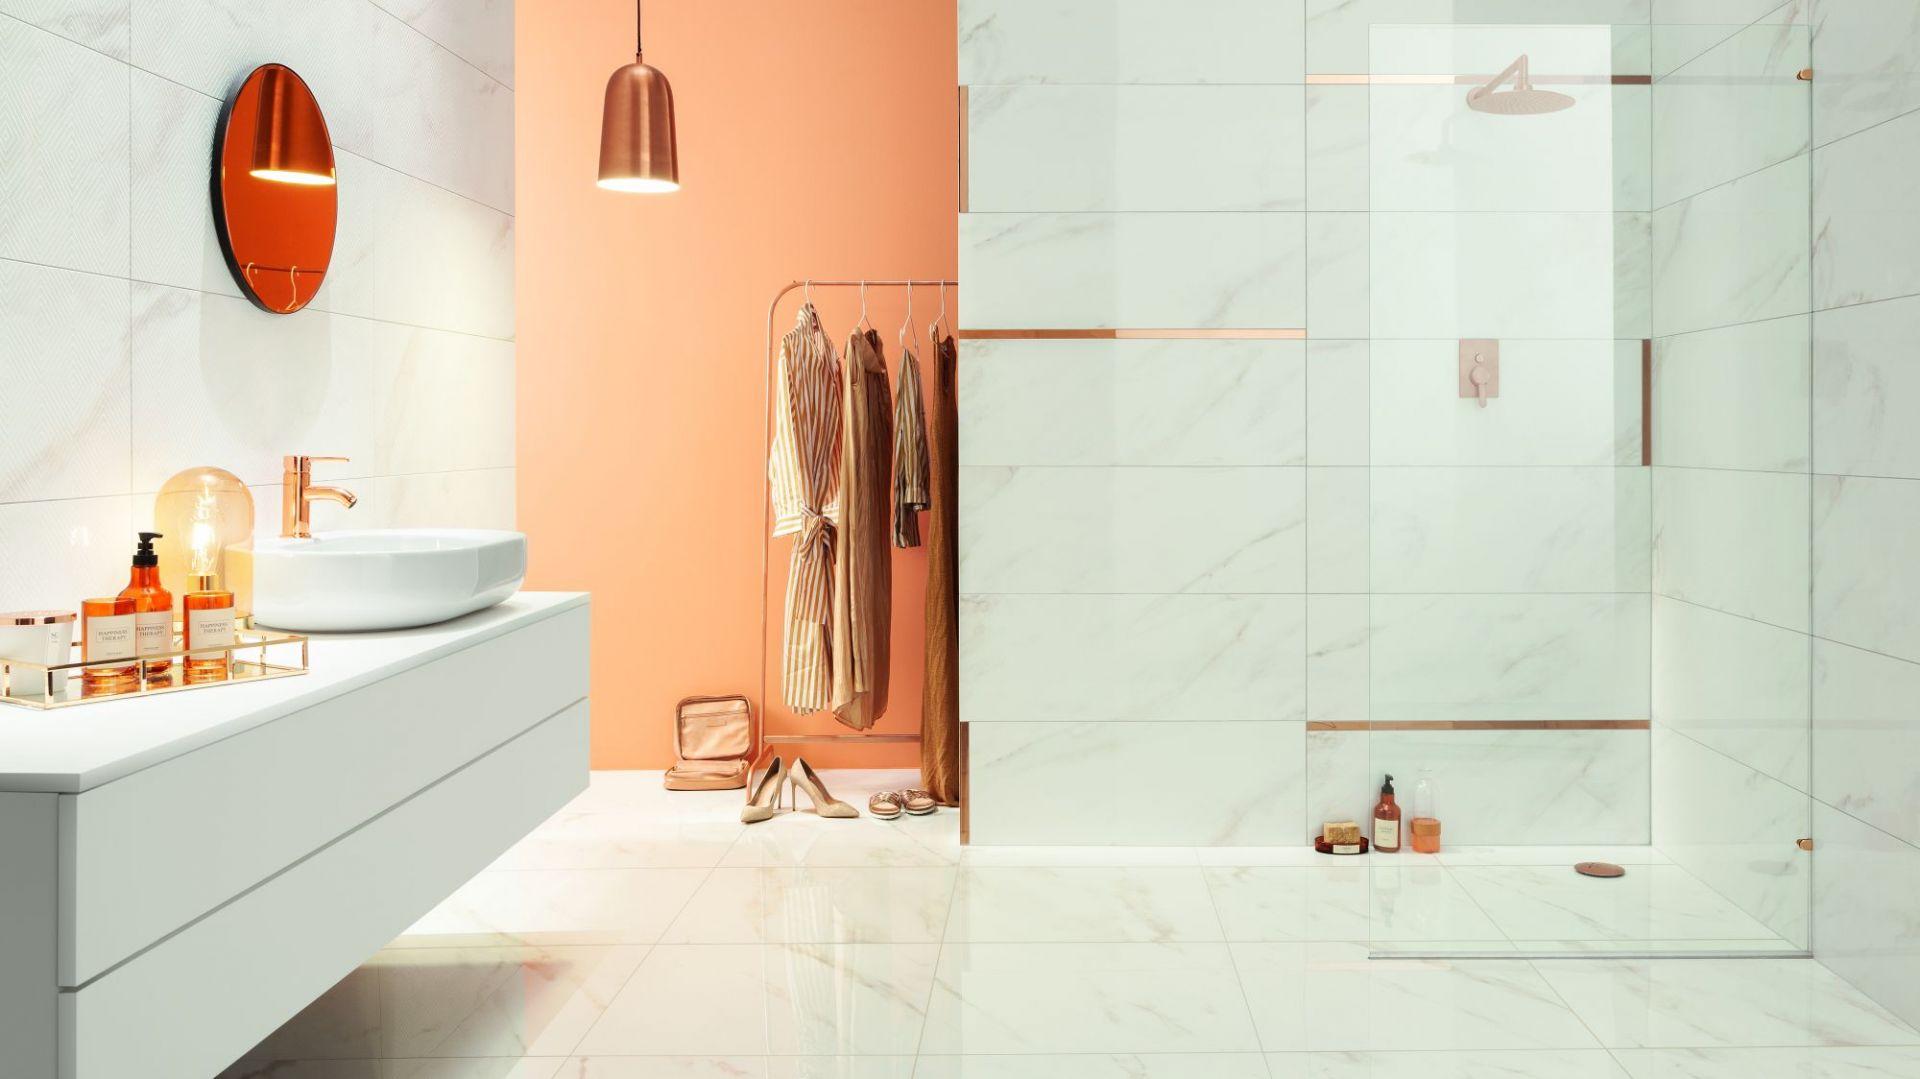 Nowoczesna łazienka - elementy w kolorze złota - kolekcja Serenity. Fot. Tubądzin